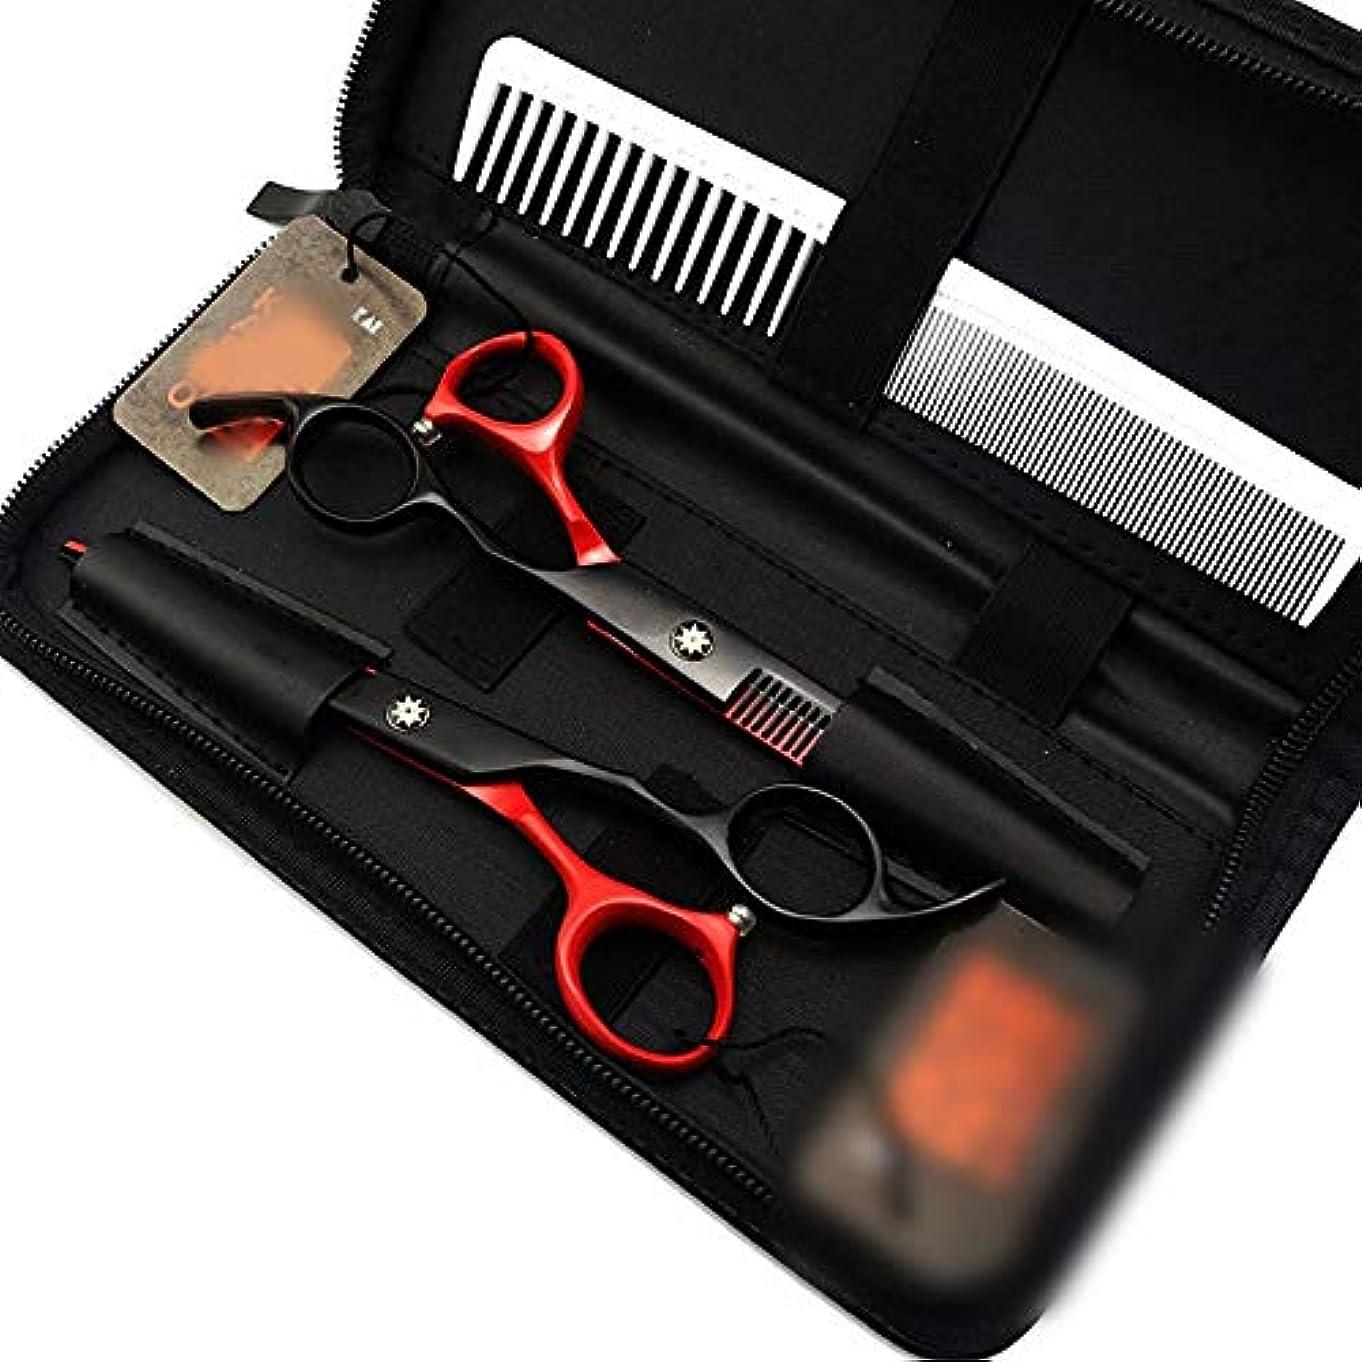 不透明な安価なキッチン6.0インチの黒く赤く平らな+歯はさみセット、専門の理髪はさみ用具 ヘアケア (色 : Black red)